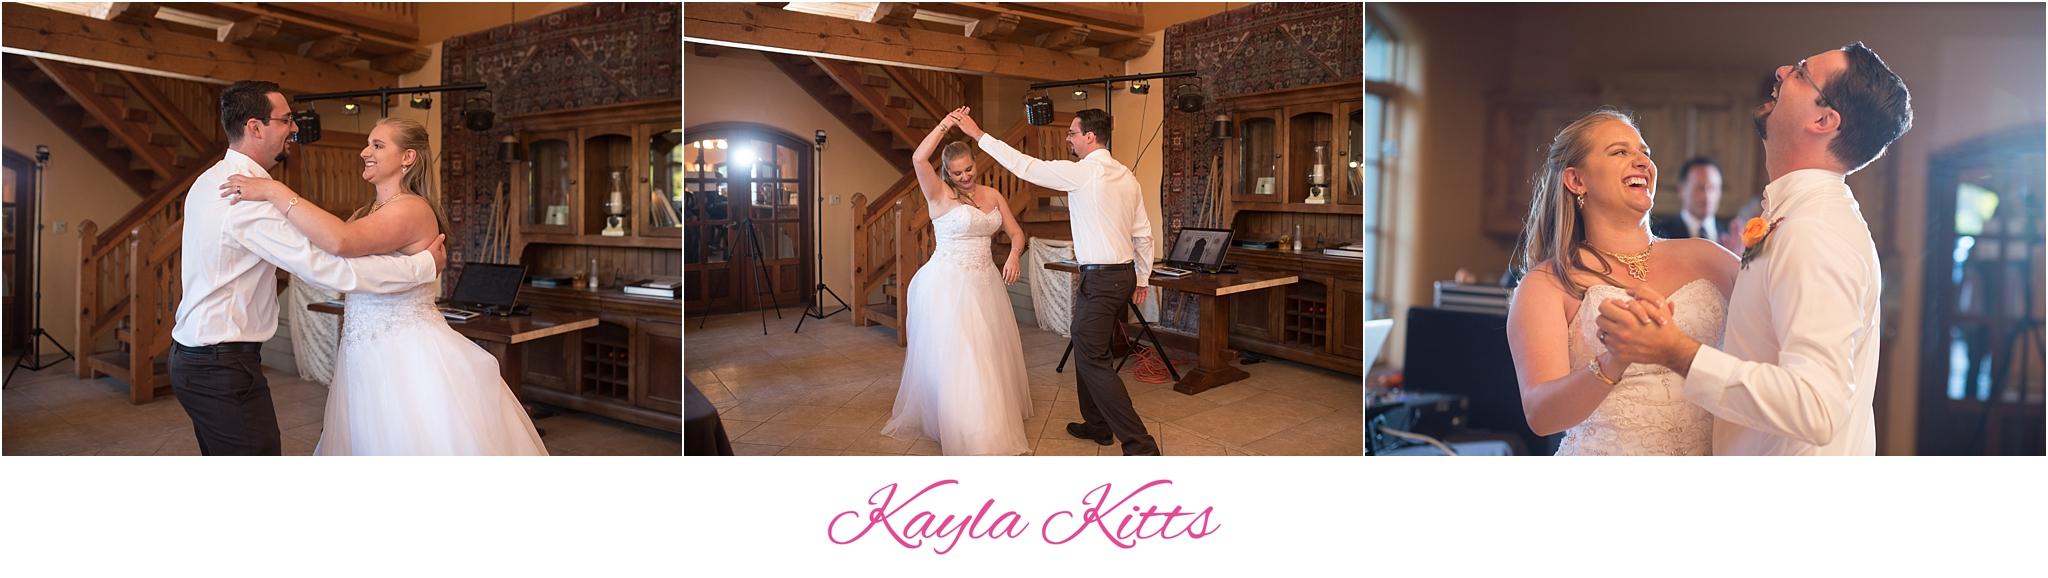 kayla kitts photography - albuquerque wedding photographer - albuquerque wedding photography - albuquerque venue - casa rondena - casa rondea wedding - new mexico wedding photographer_0023.jpg